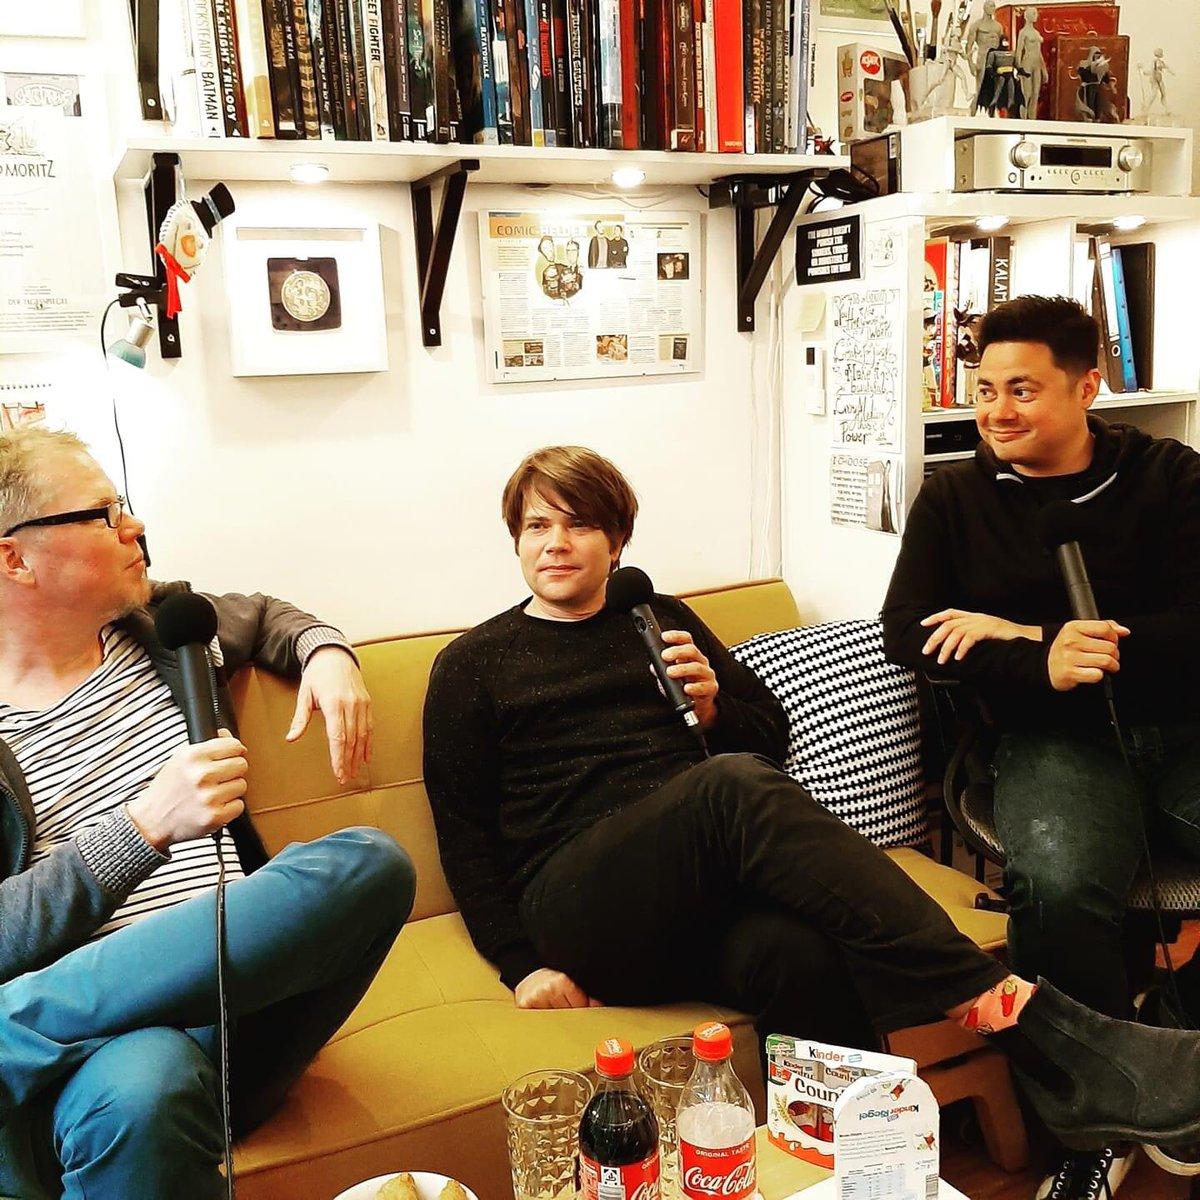 Besuch im Atelier! Jan Müller von @tocotronic war zu Gast. Es ging u.a. um Lustige Taschenbücher, Jans Comicleidenschaft und kreative Prozesse beim Zeichnen und Musikmachen. Hört ihr am 29.5. in der neuen Folge @artaberherzlich!